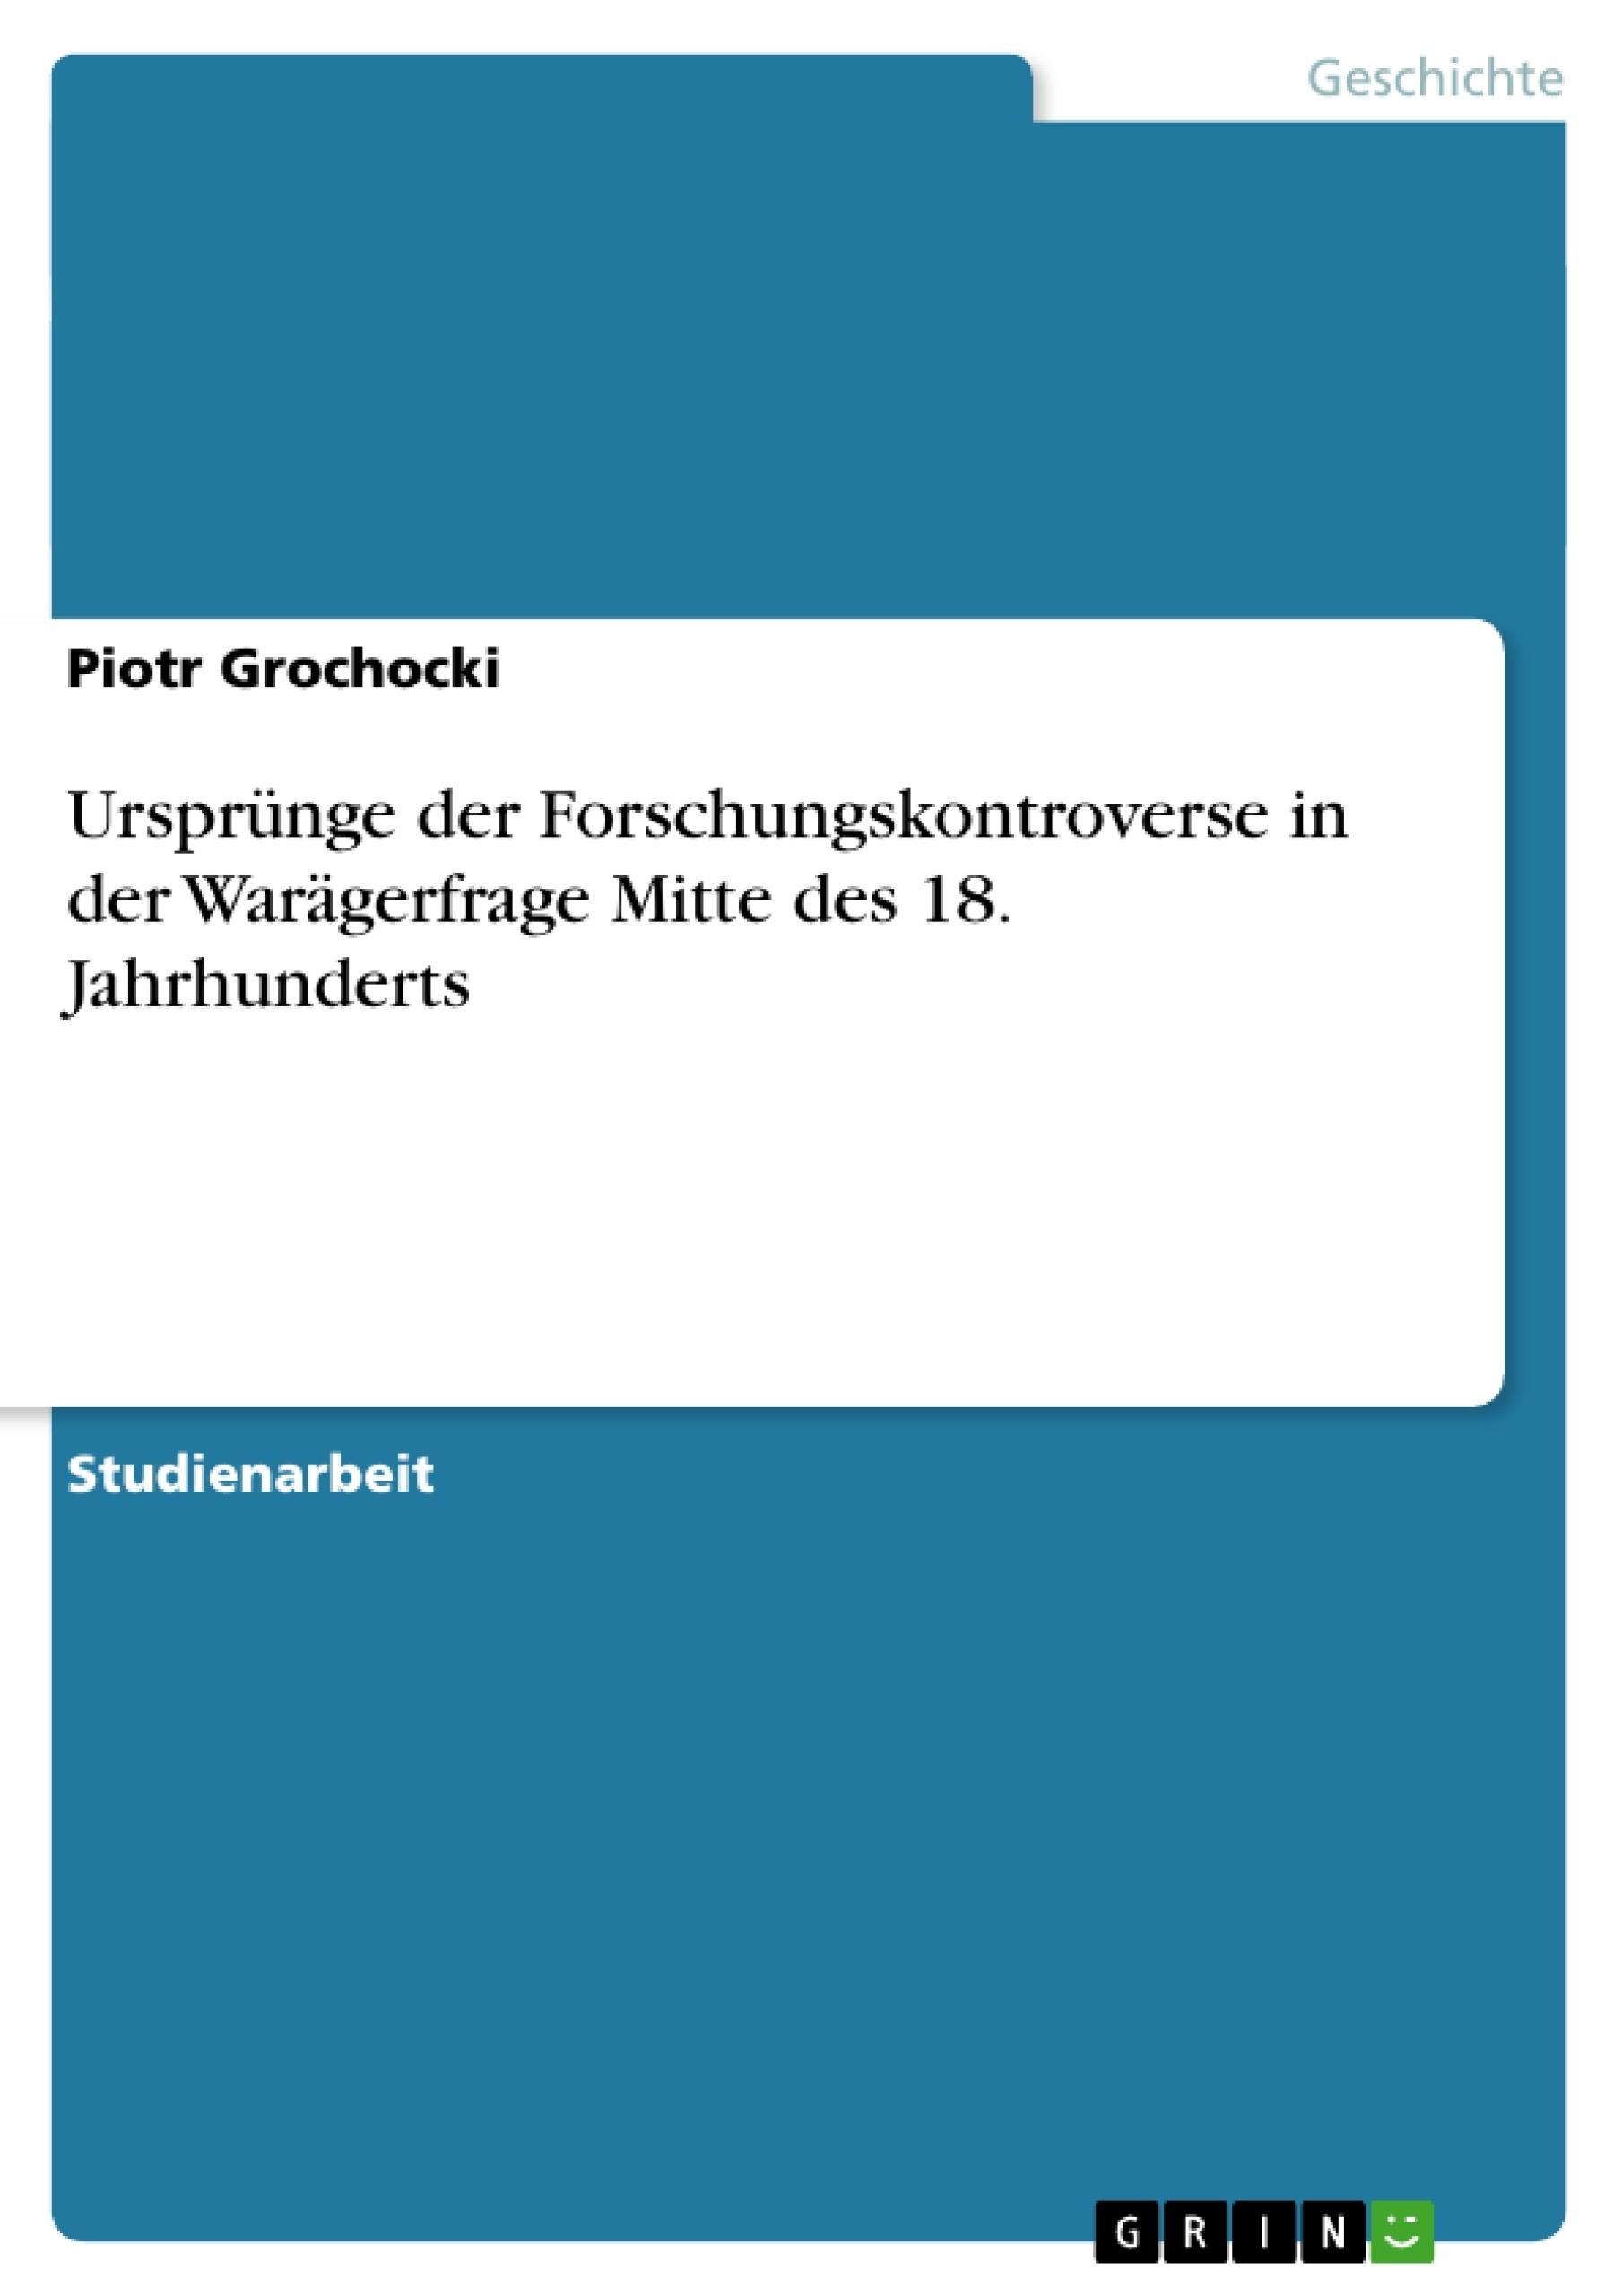 Titel: Ursprünge der Forschungskontroverse in der Warägerfrage Mitte des 18. Jahrhunderts